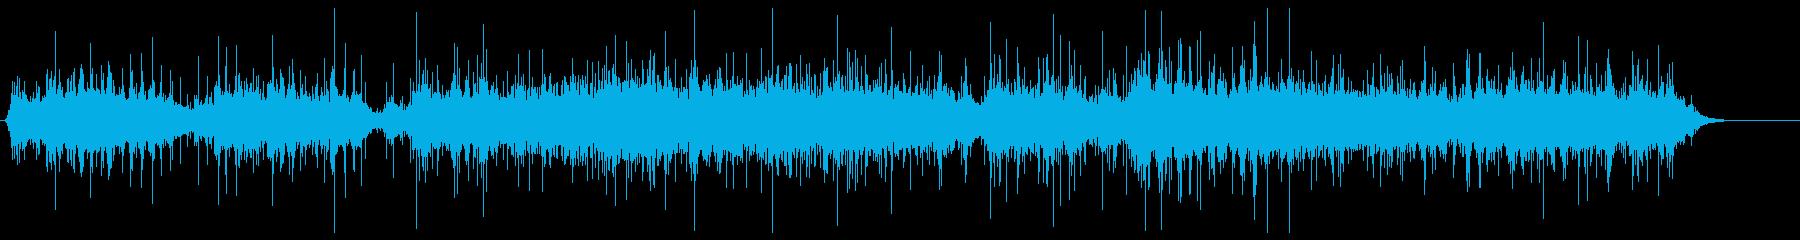 カラカラ 木の実 生演奏 リバーブの再生済みの波形